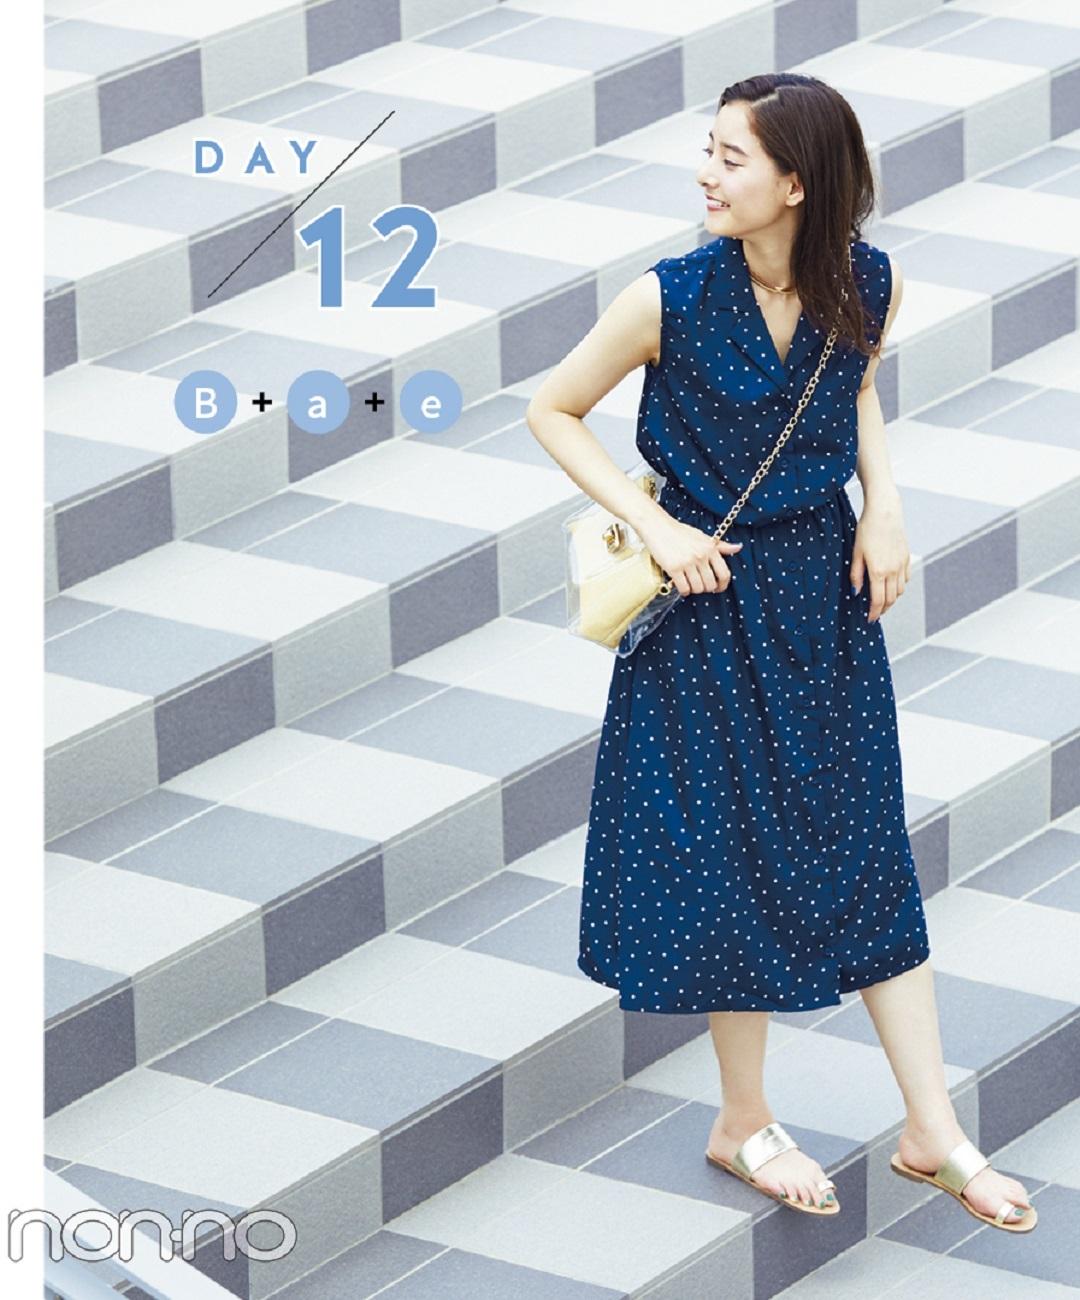 【夏のサンダルコーデ】新川優愛の、白ベース&淡色チェックワンピースで清潔感大人っぽコーデ